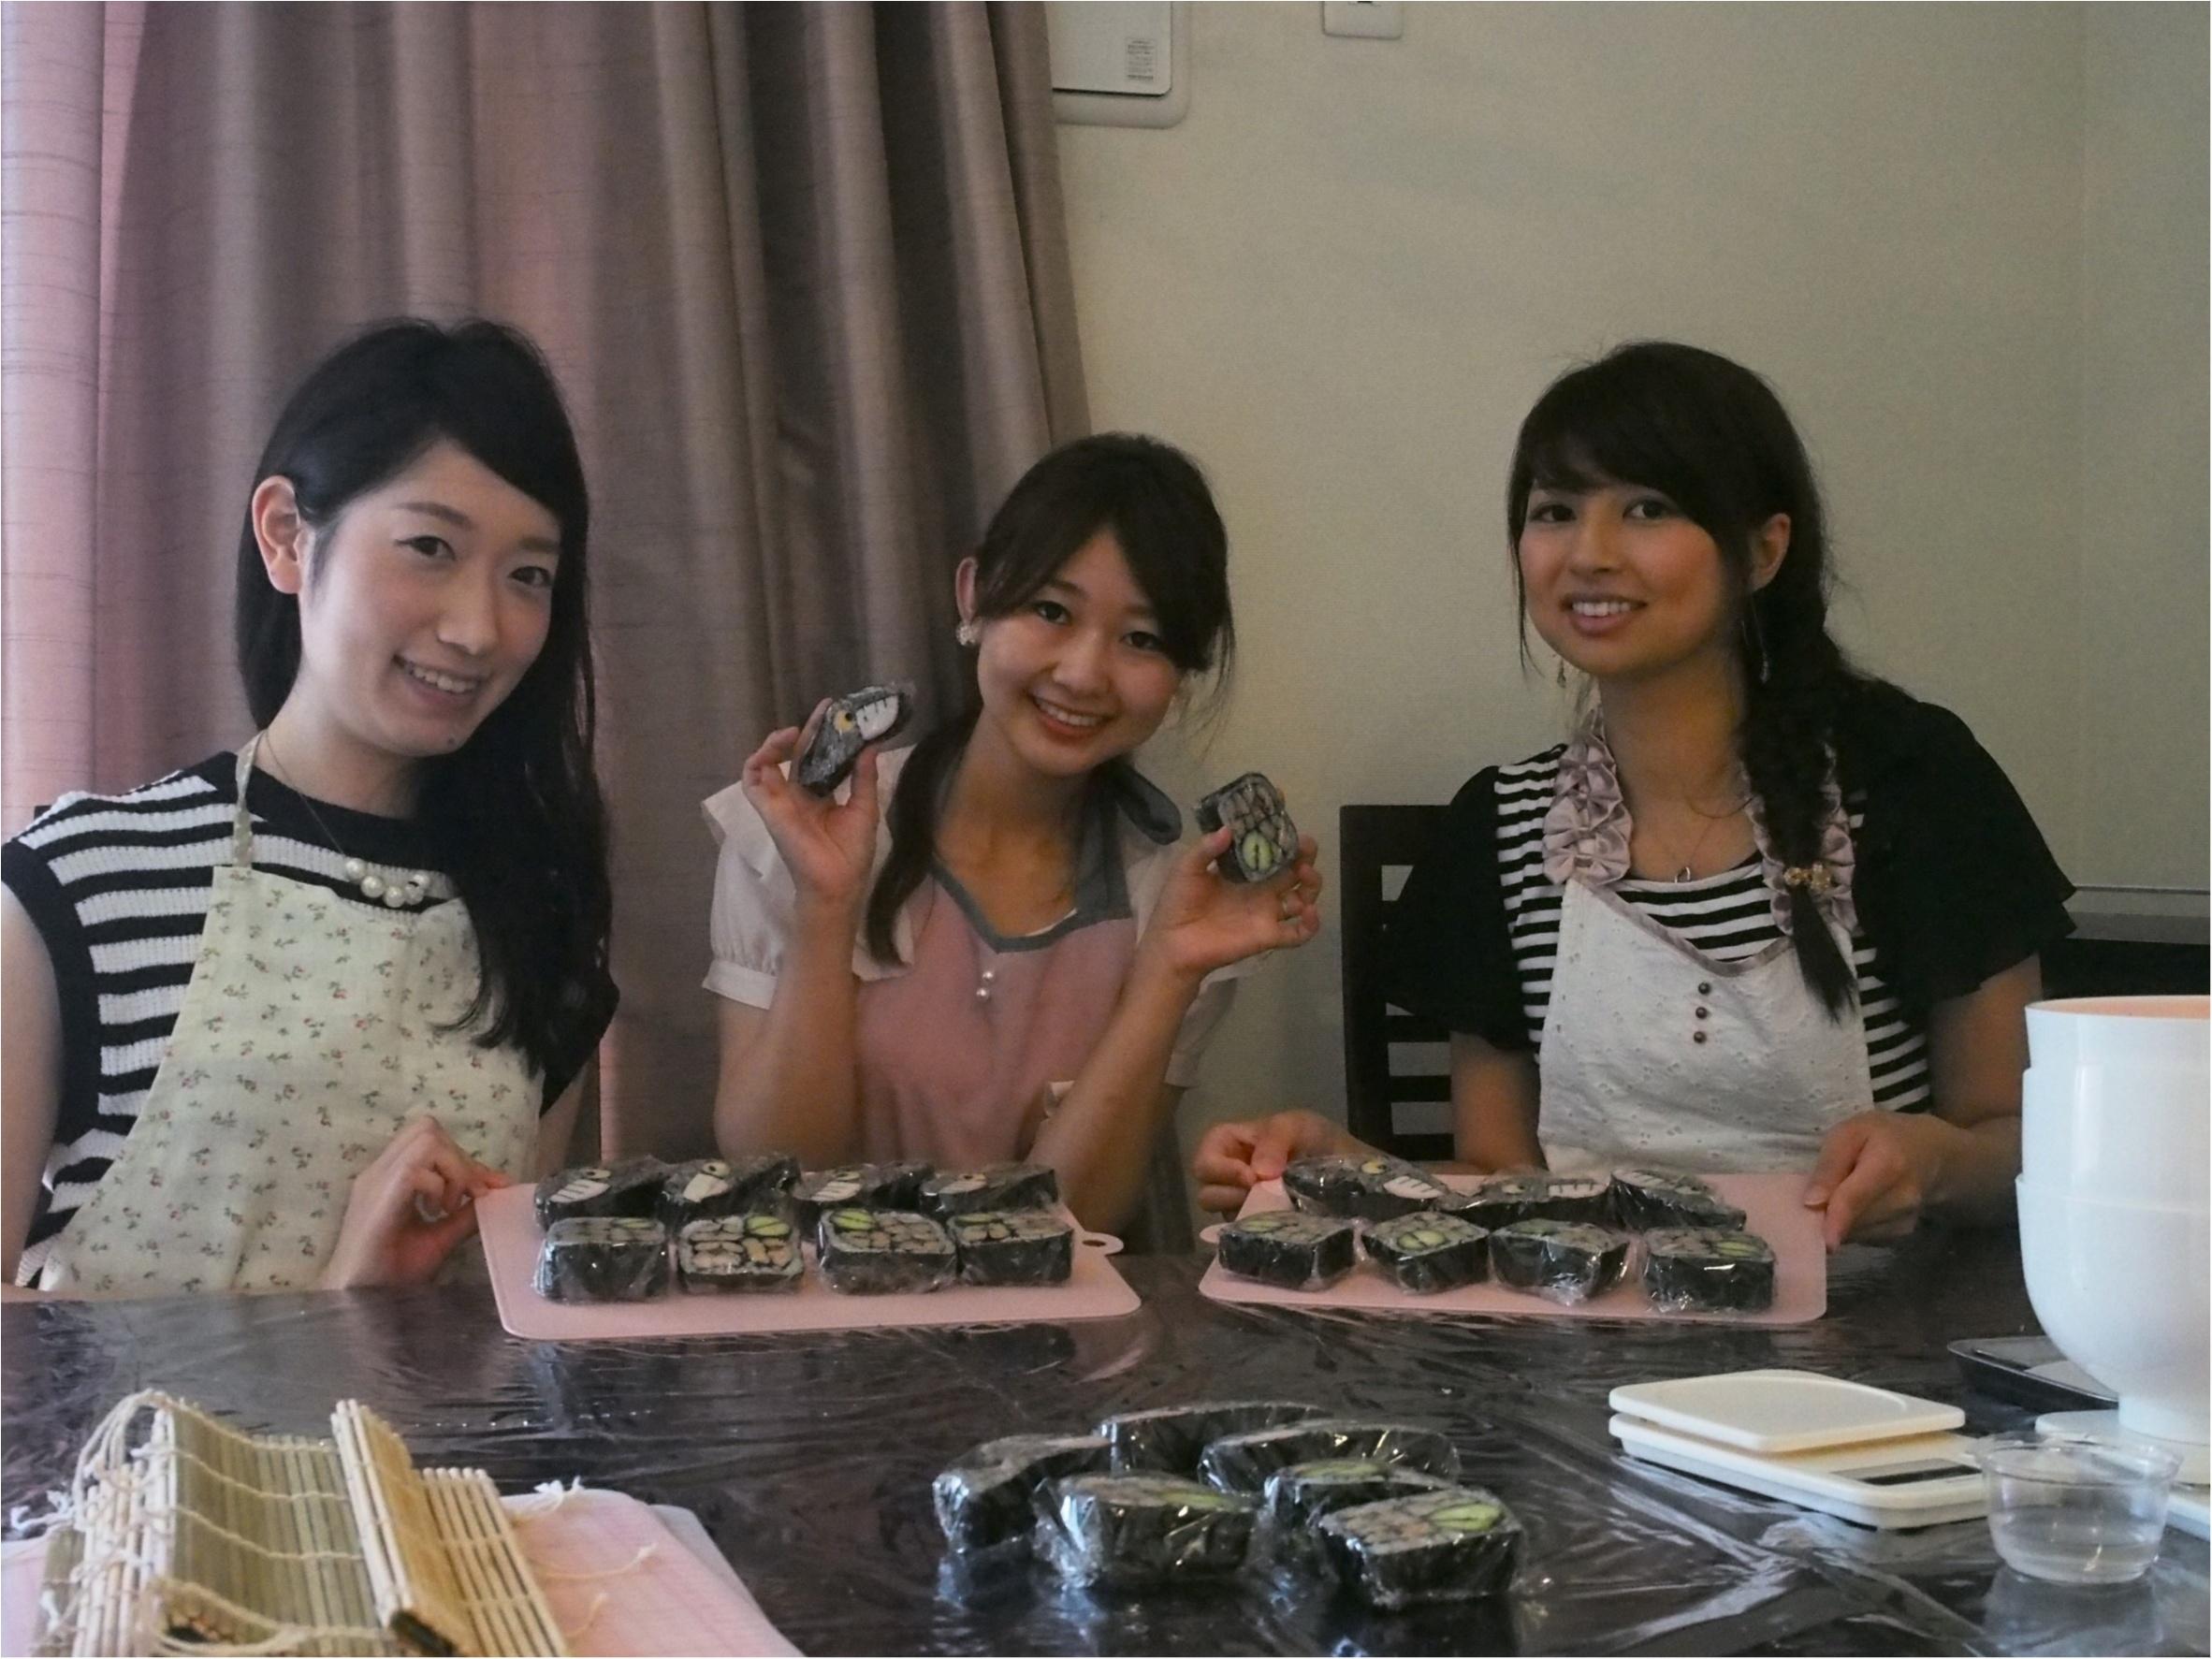 デコ巻き寿司インストラクター♡さちこ♡に習う季節を感じられる絶品デコ巻き寿司( ´ ▽ ` )ノ_10